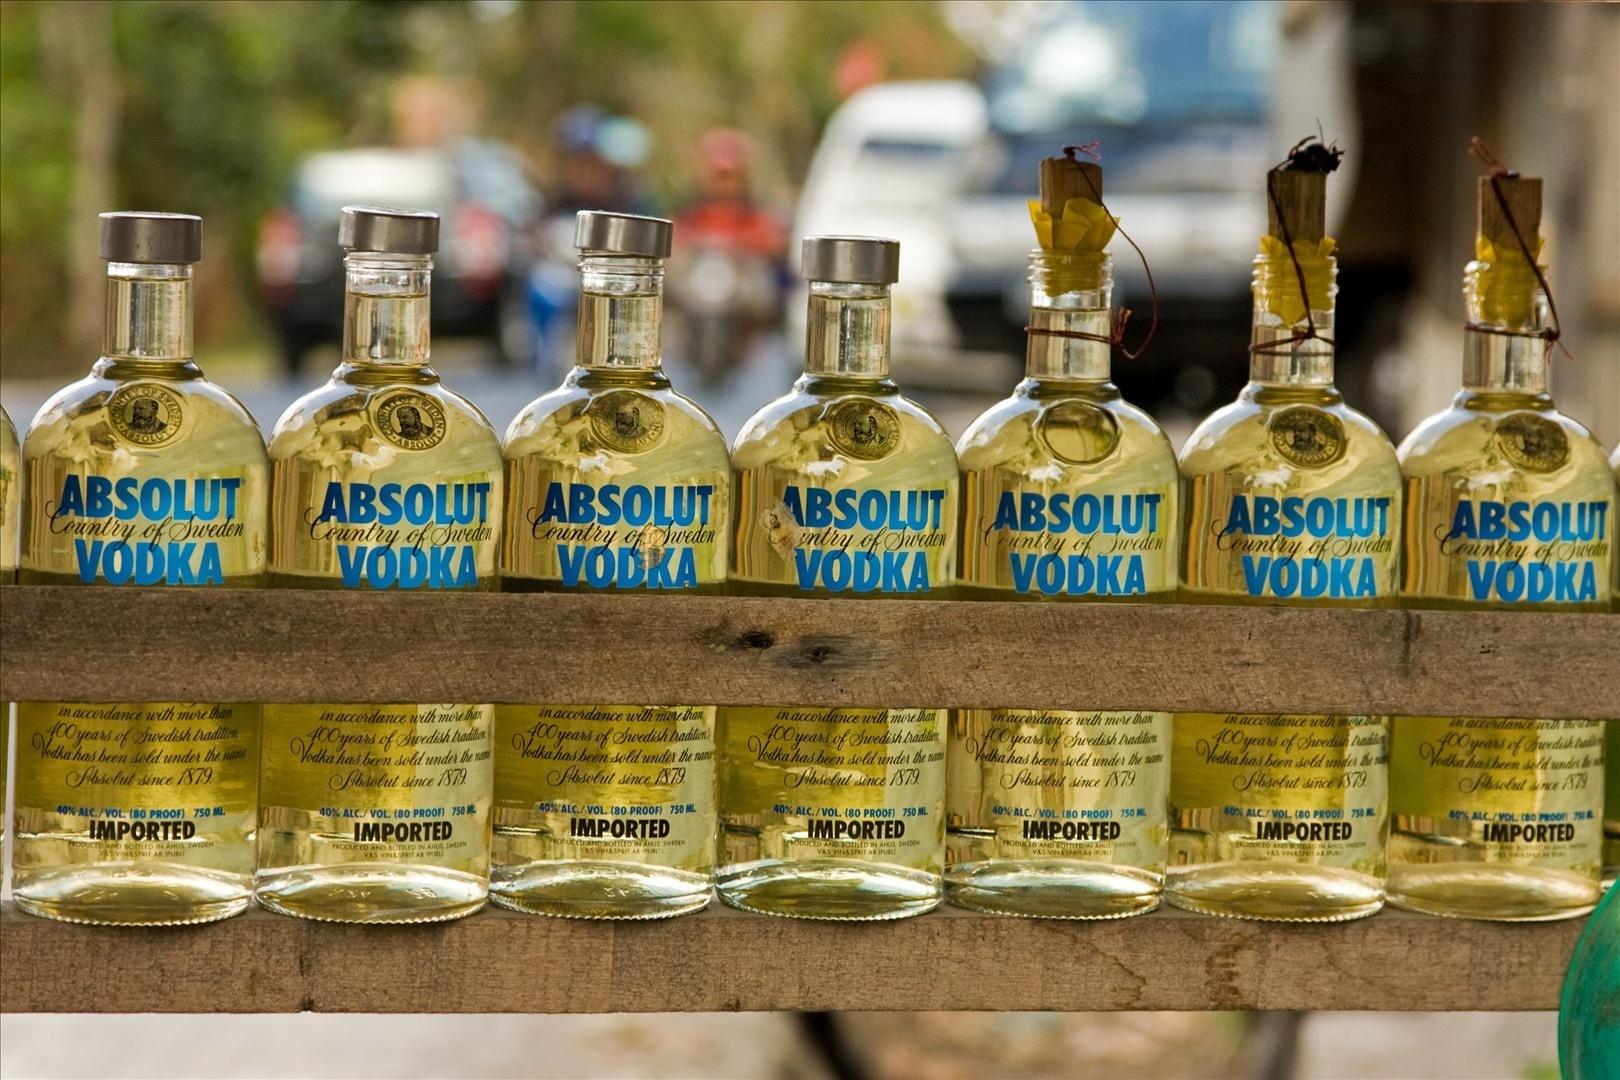 Etikettiin ei voi aina luottaa. Näissä pulloissa on täytteenä bensiiniä. Kuva: Suomen Indonesian-suurlähetystö